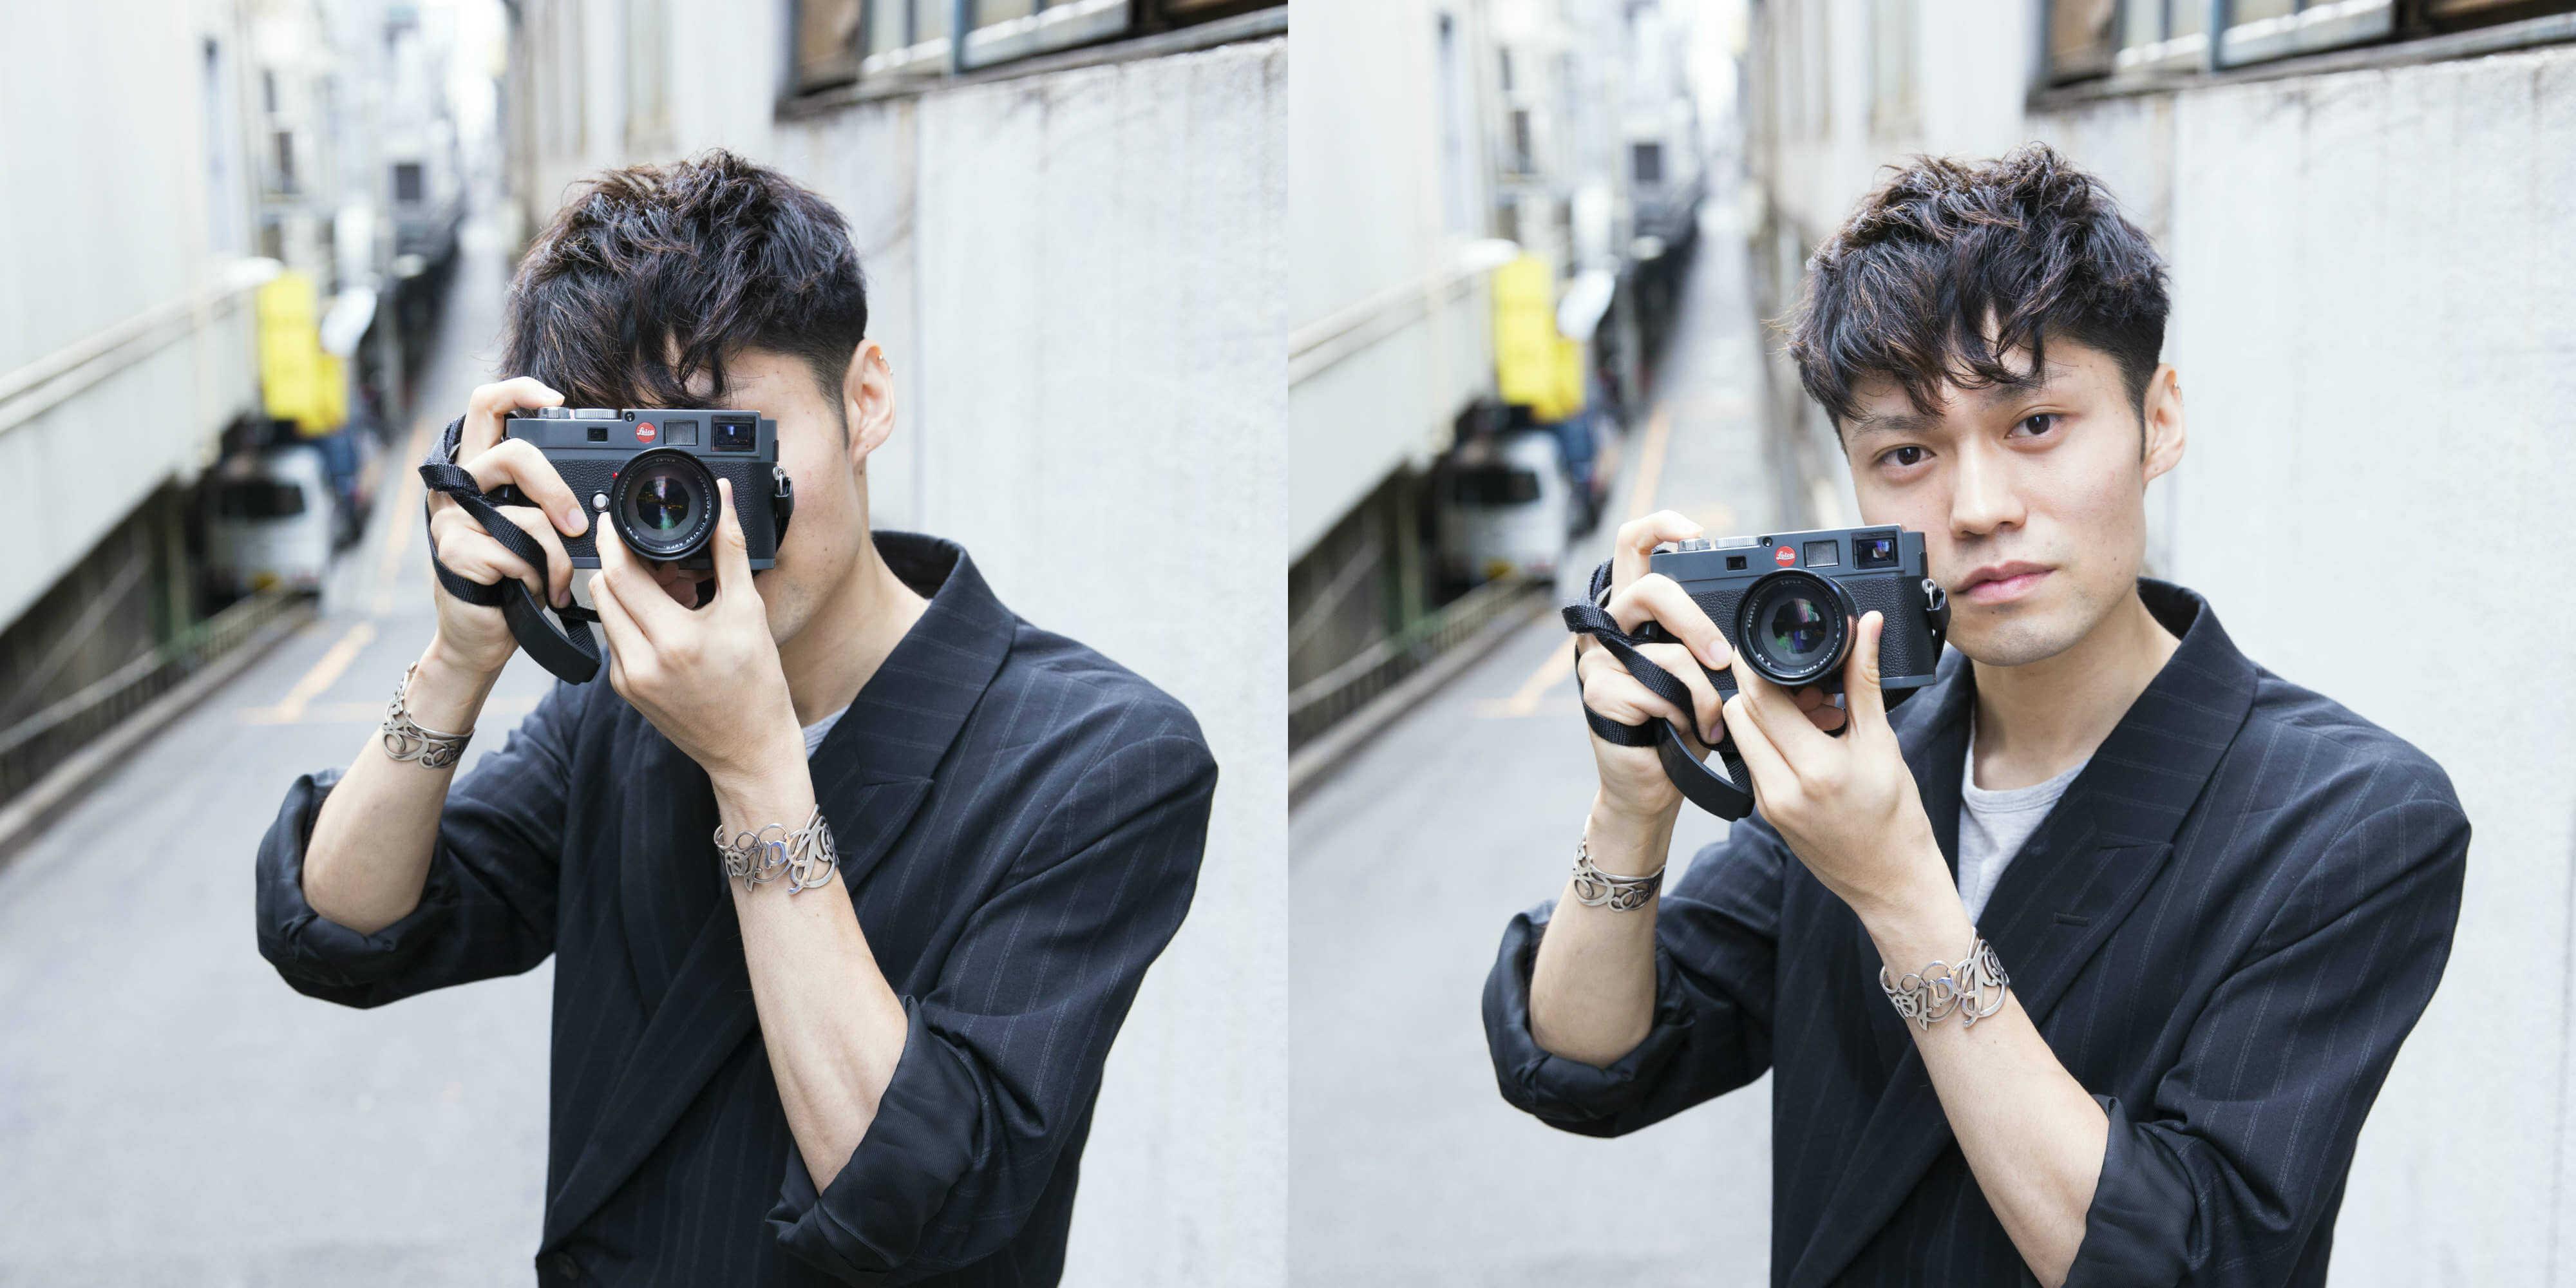 【憧れシゴト図鑑】SKY-HIの魅力を引き出しシャッターを切る 新進気鋭のカメラマン・畑 聡さんインタビュー